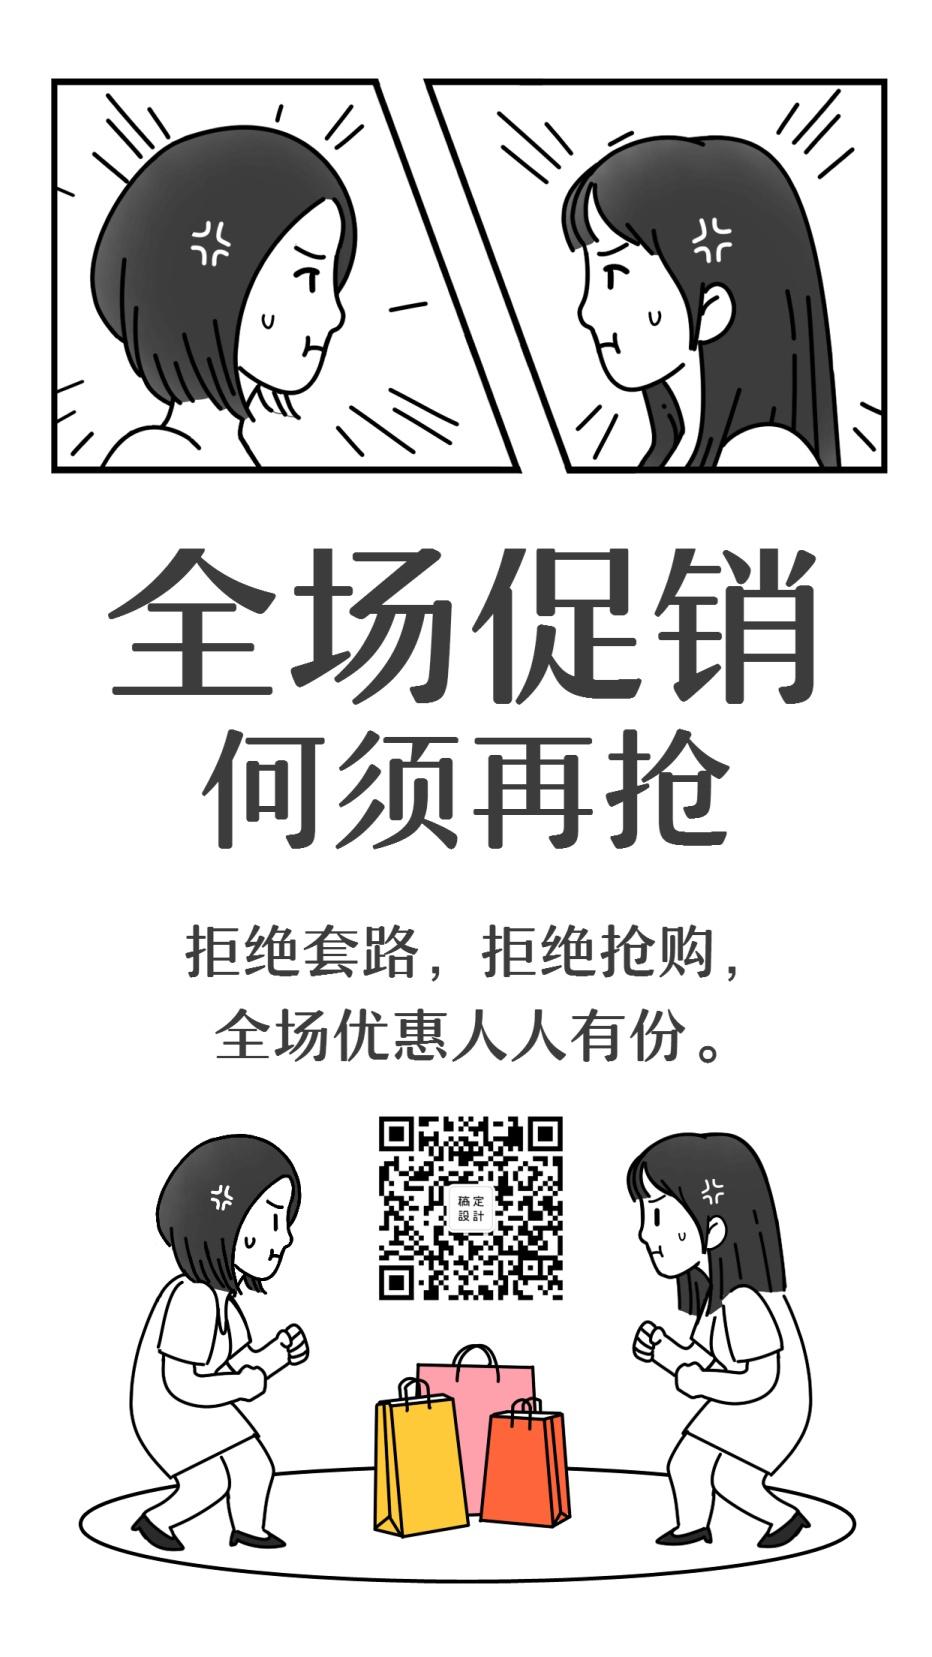 618年中大促恶搞漫画创意手机海报